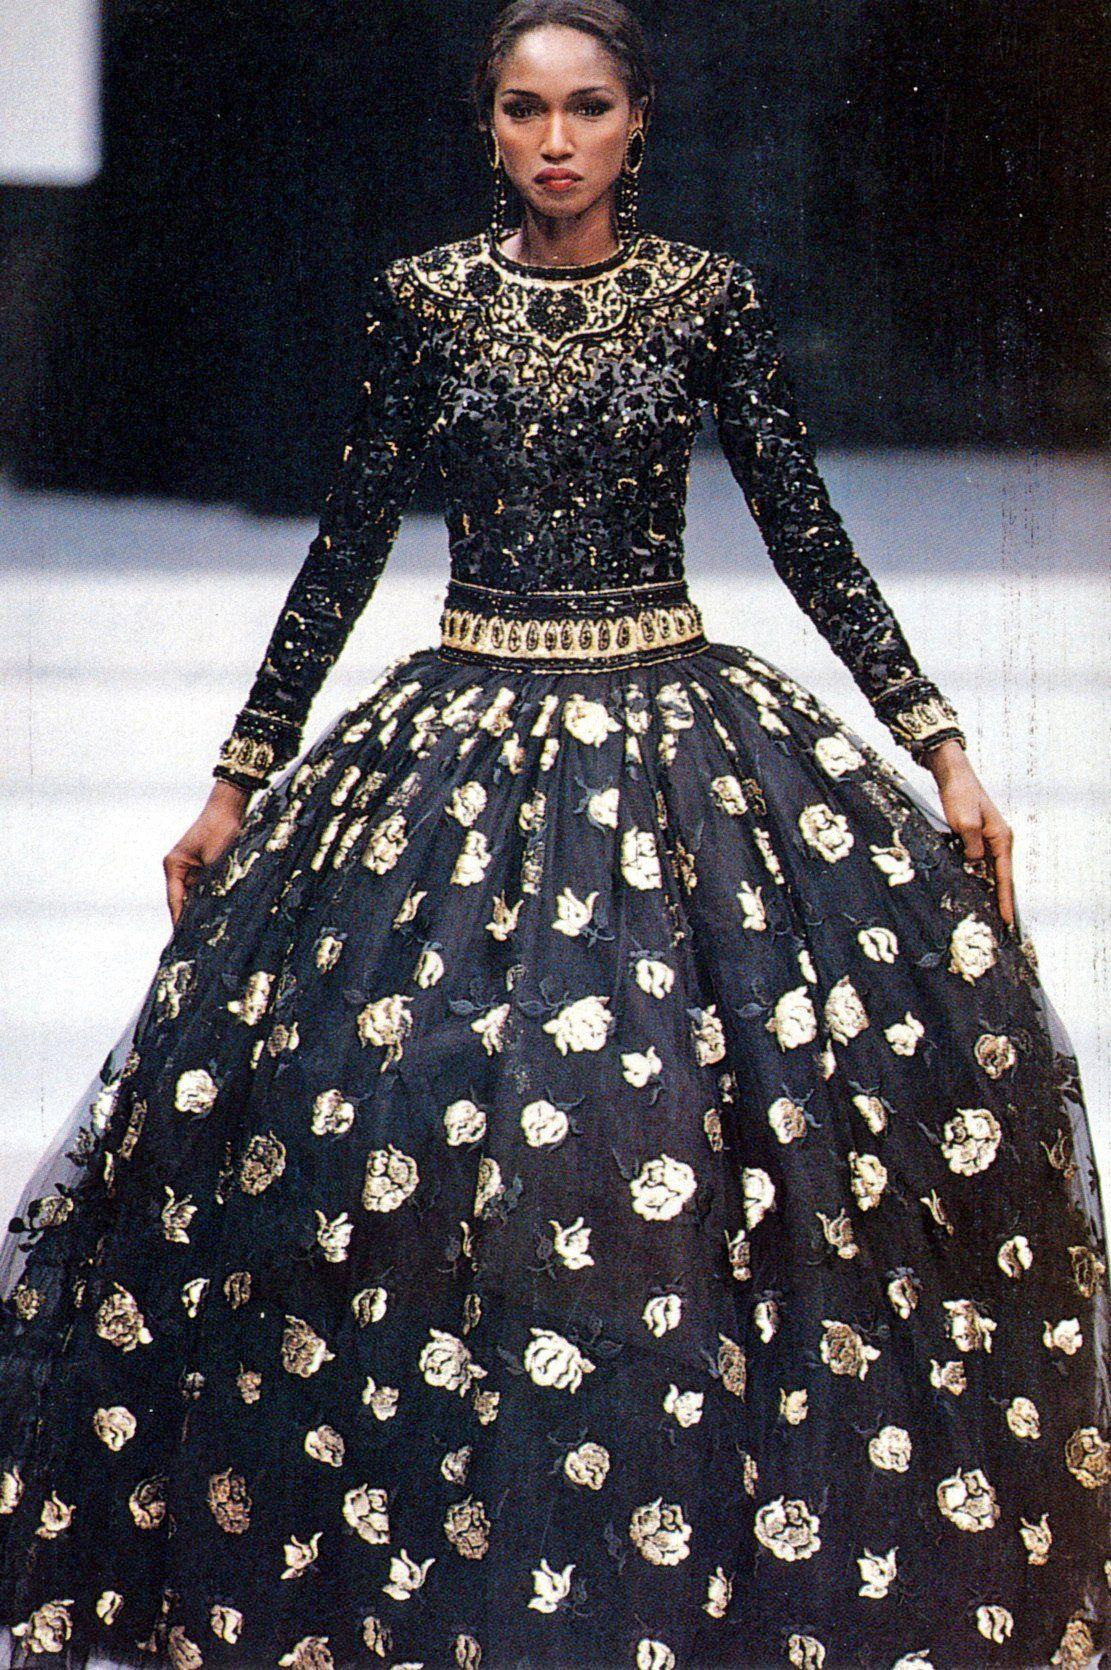 15 Schön Abendkleider Yves Saint Laurent Galerie17 Erstaunlich Abendkleider Yves Saint Laurent Spezialgebiet